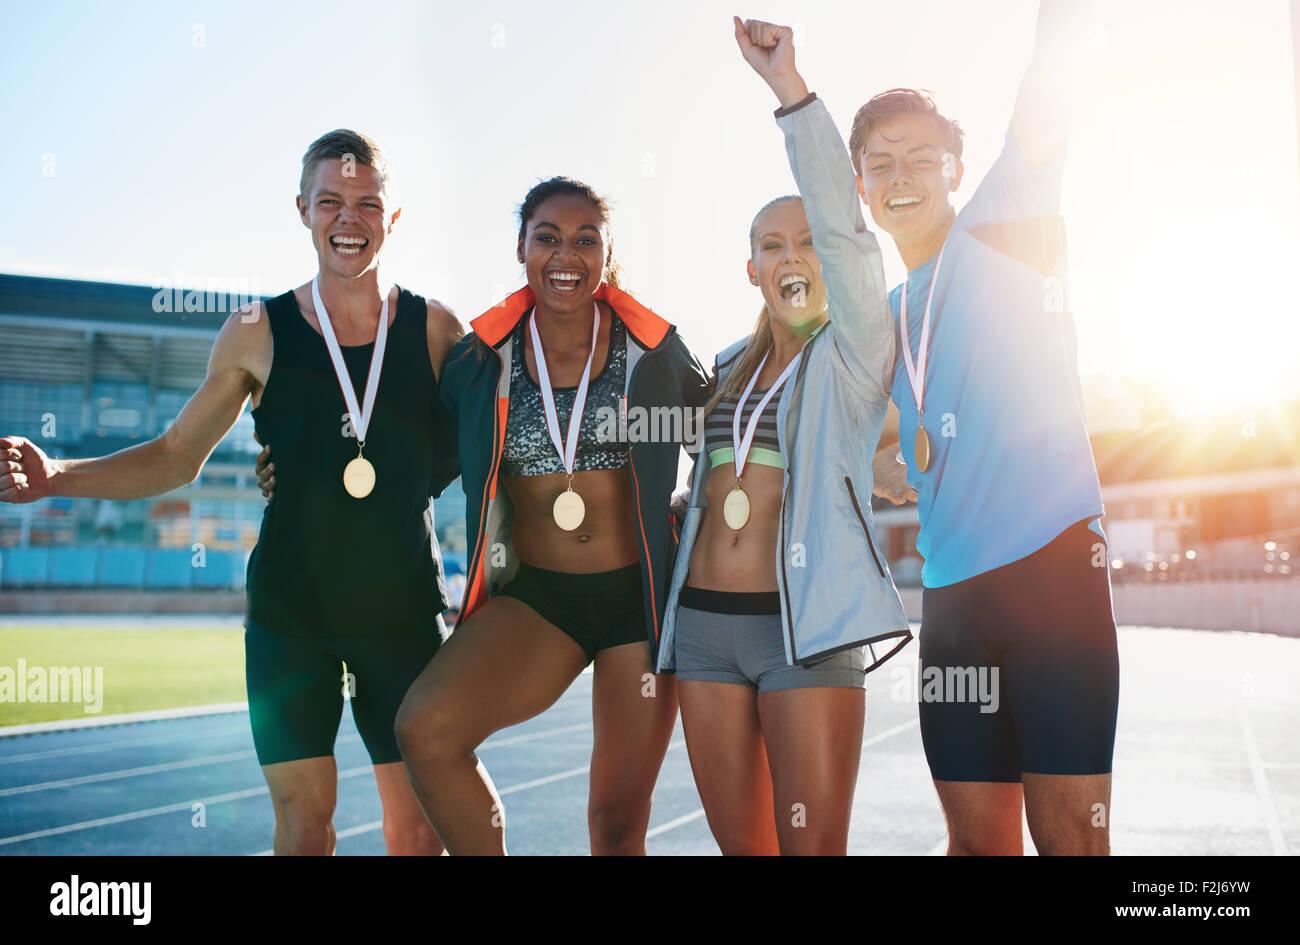 Portrait de jeunes athlètes extatique avec des médailles. Groupe de coureurs se tenant ensemble smiling Photo Stock